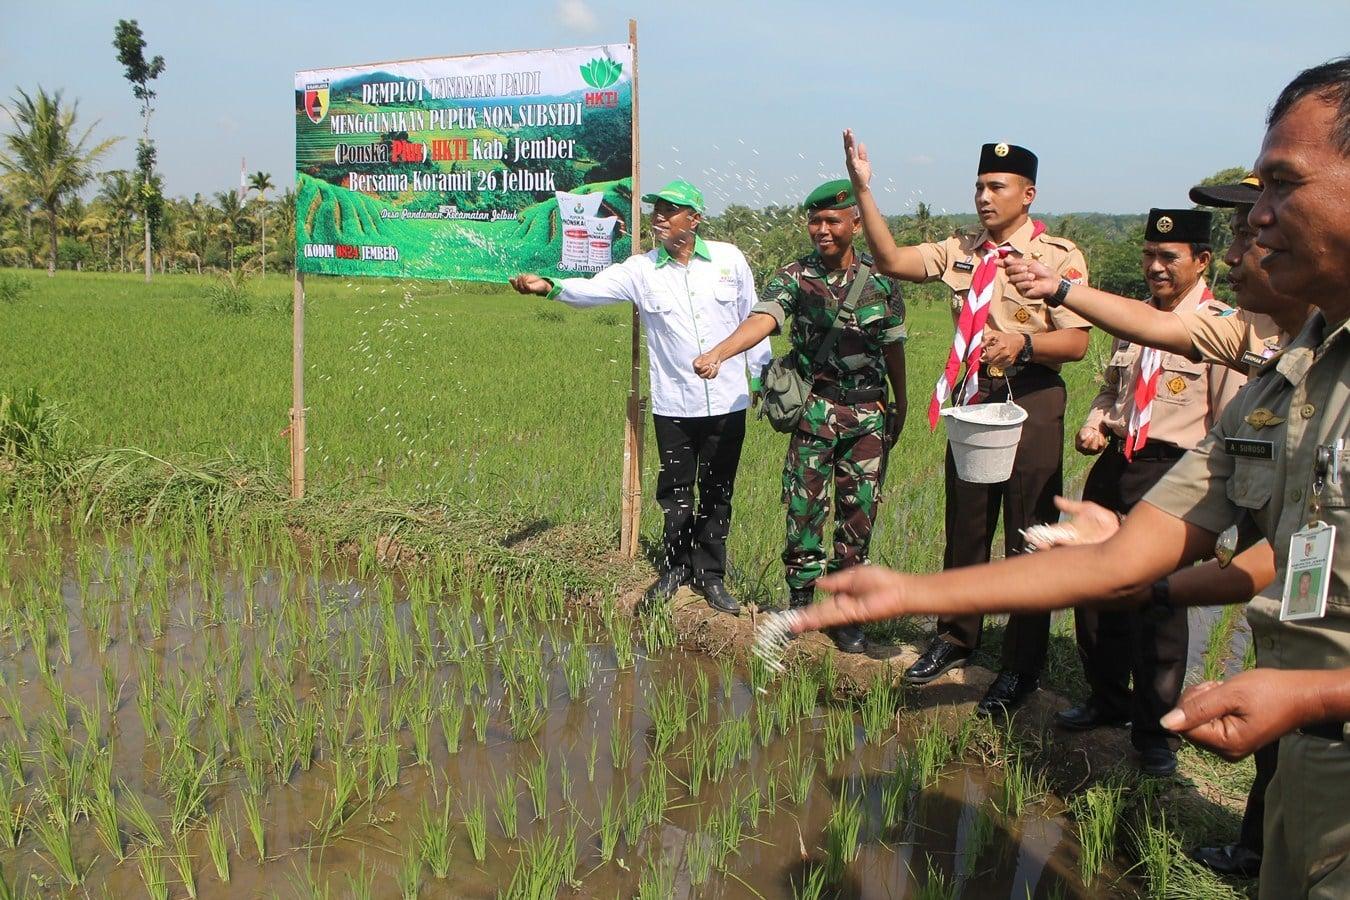 HKTI Jember dan TNI Siap Jadikan Jember Bagian Utara Produktif Pertanian